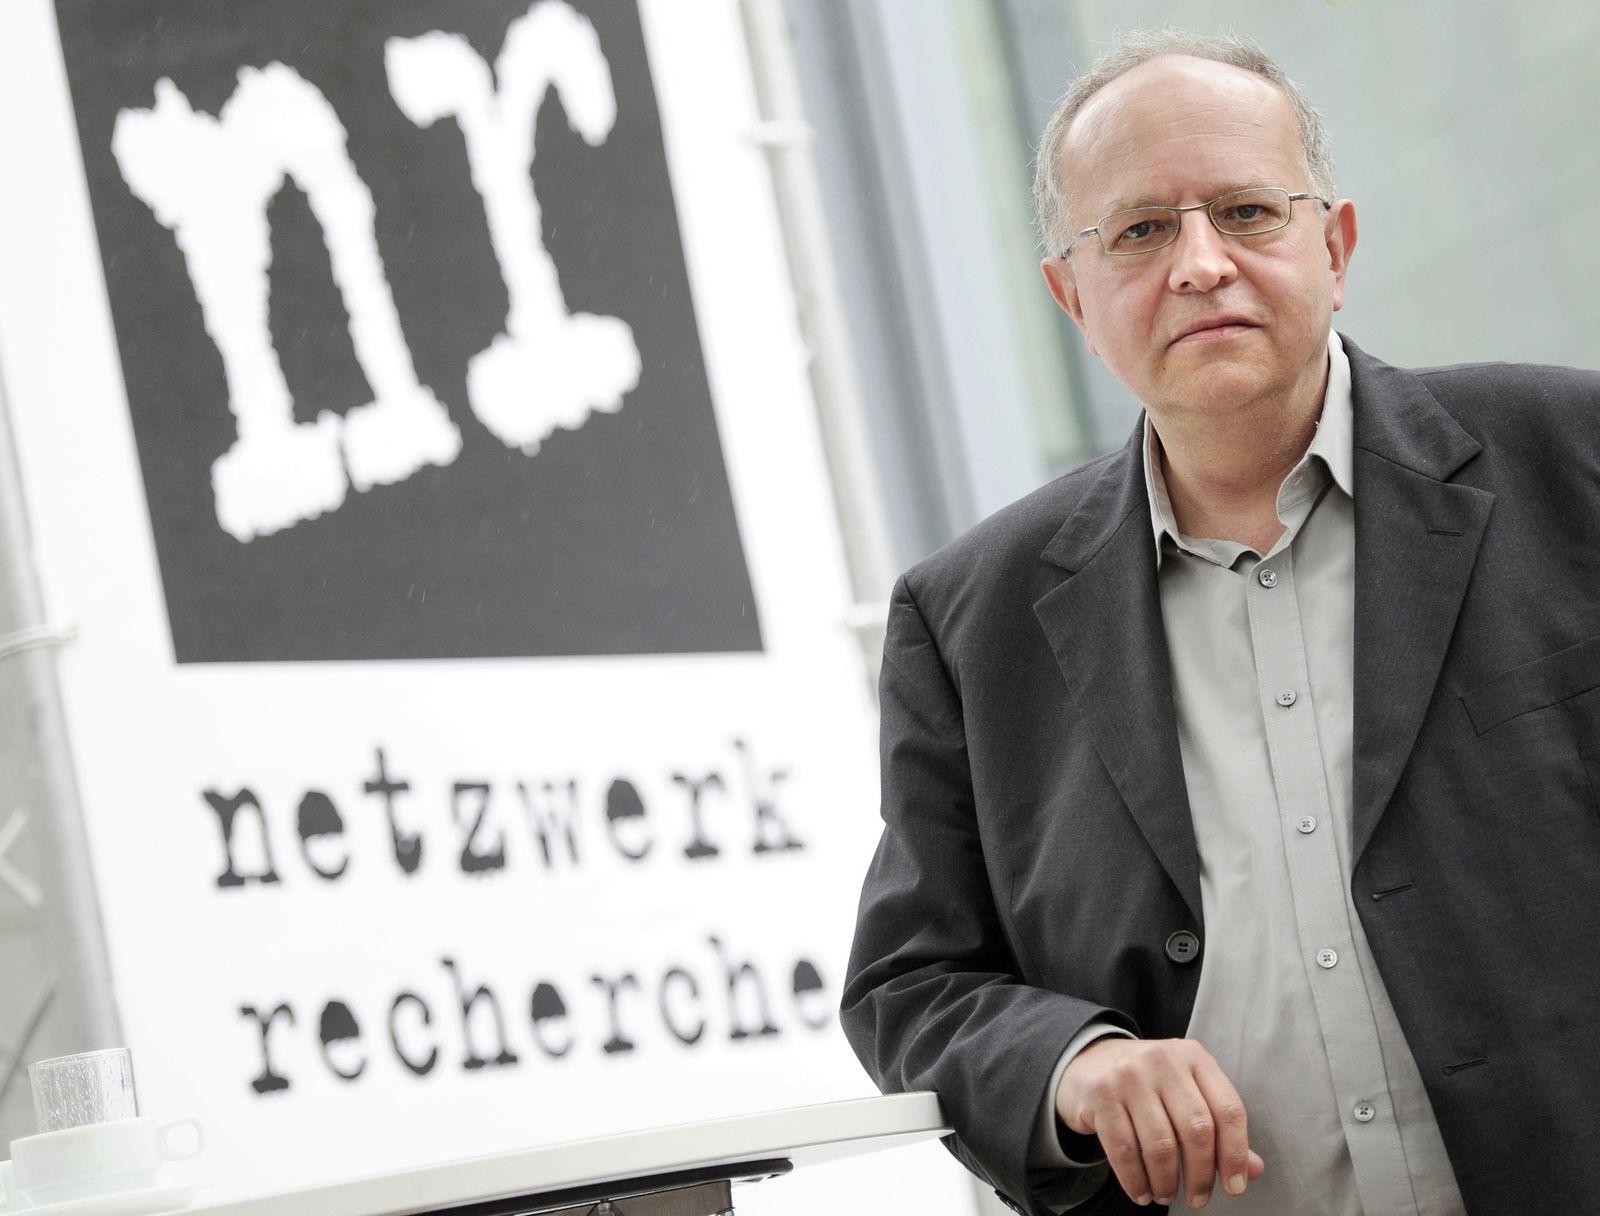 Thomas Leif / netzwerk Recherche